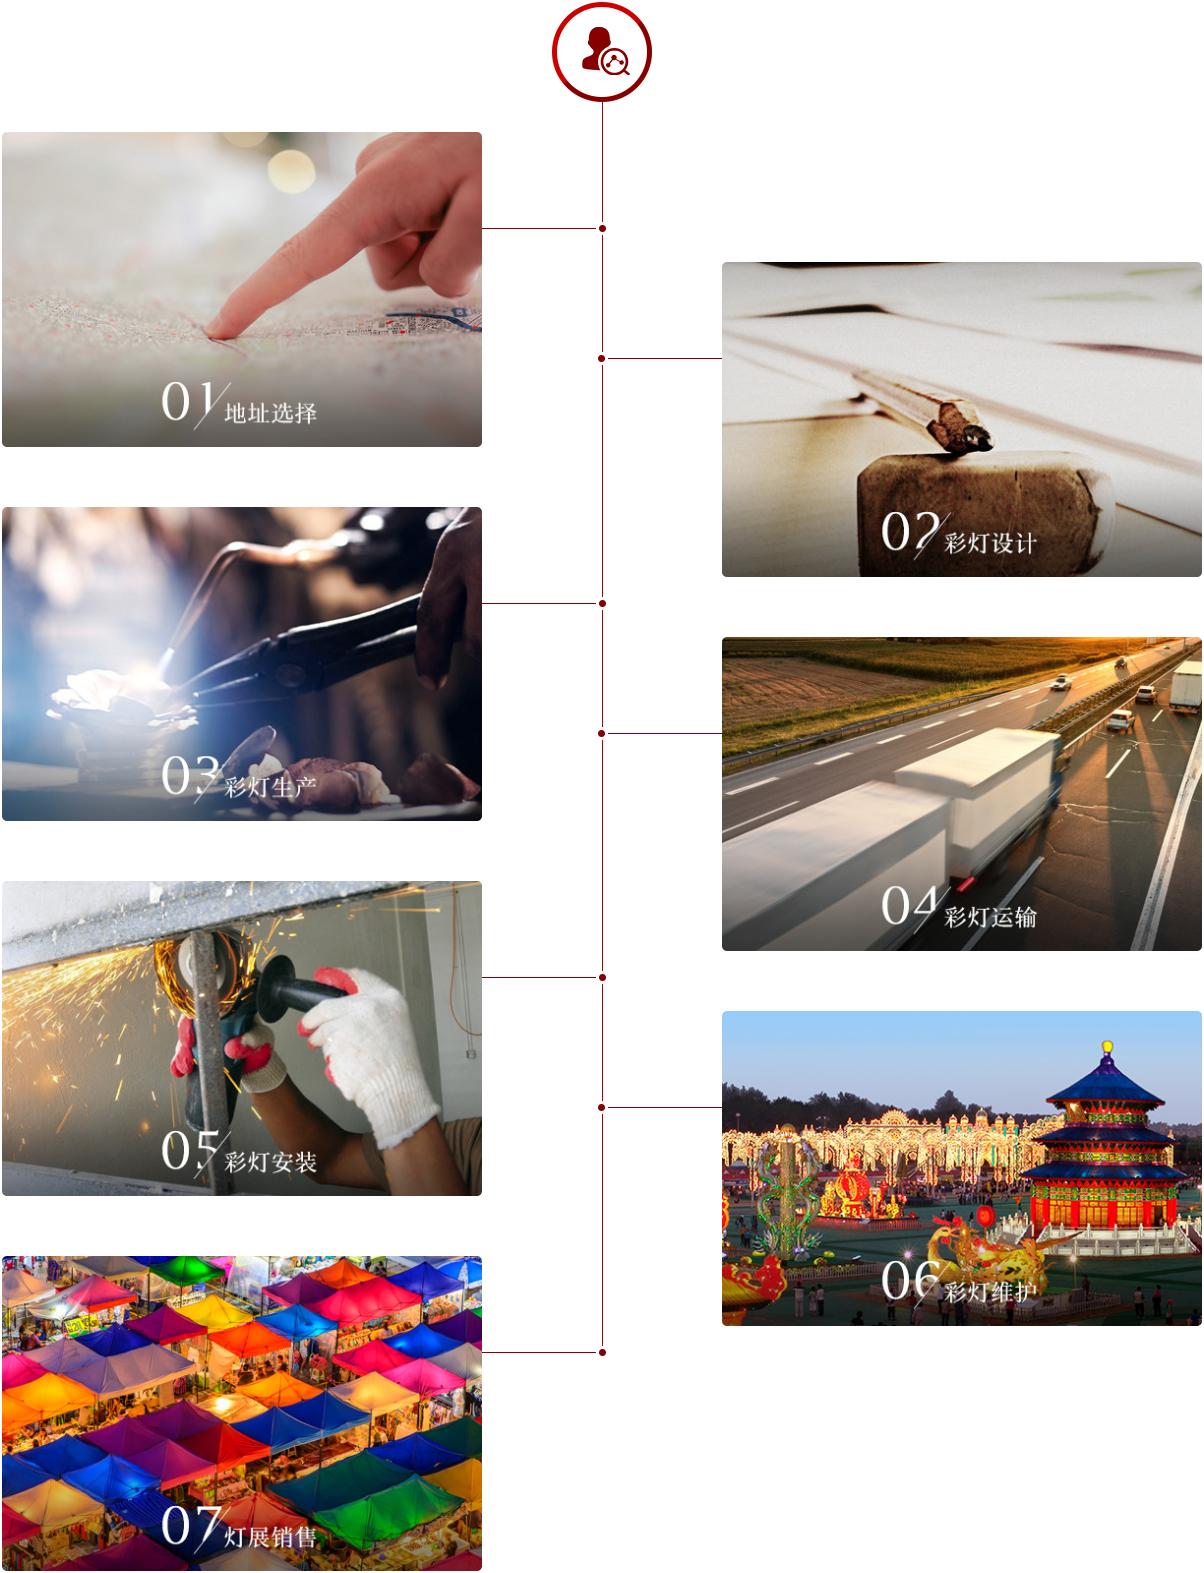 爱尚寰球_中国文化旅游节综合运营商400-8383-905|彩灯创意设计及生产